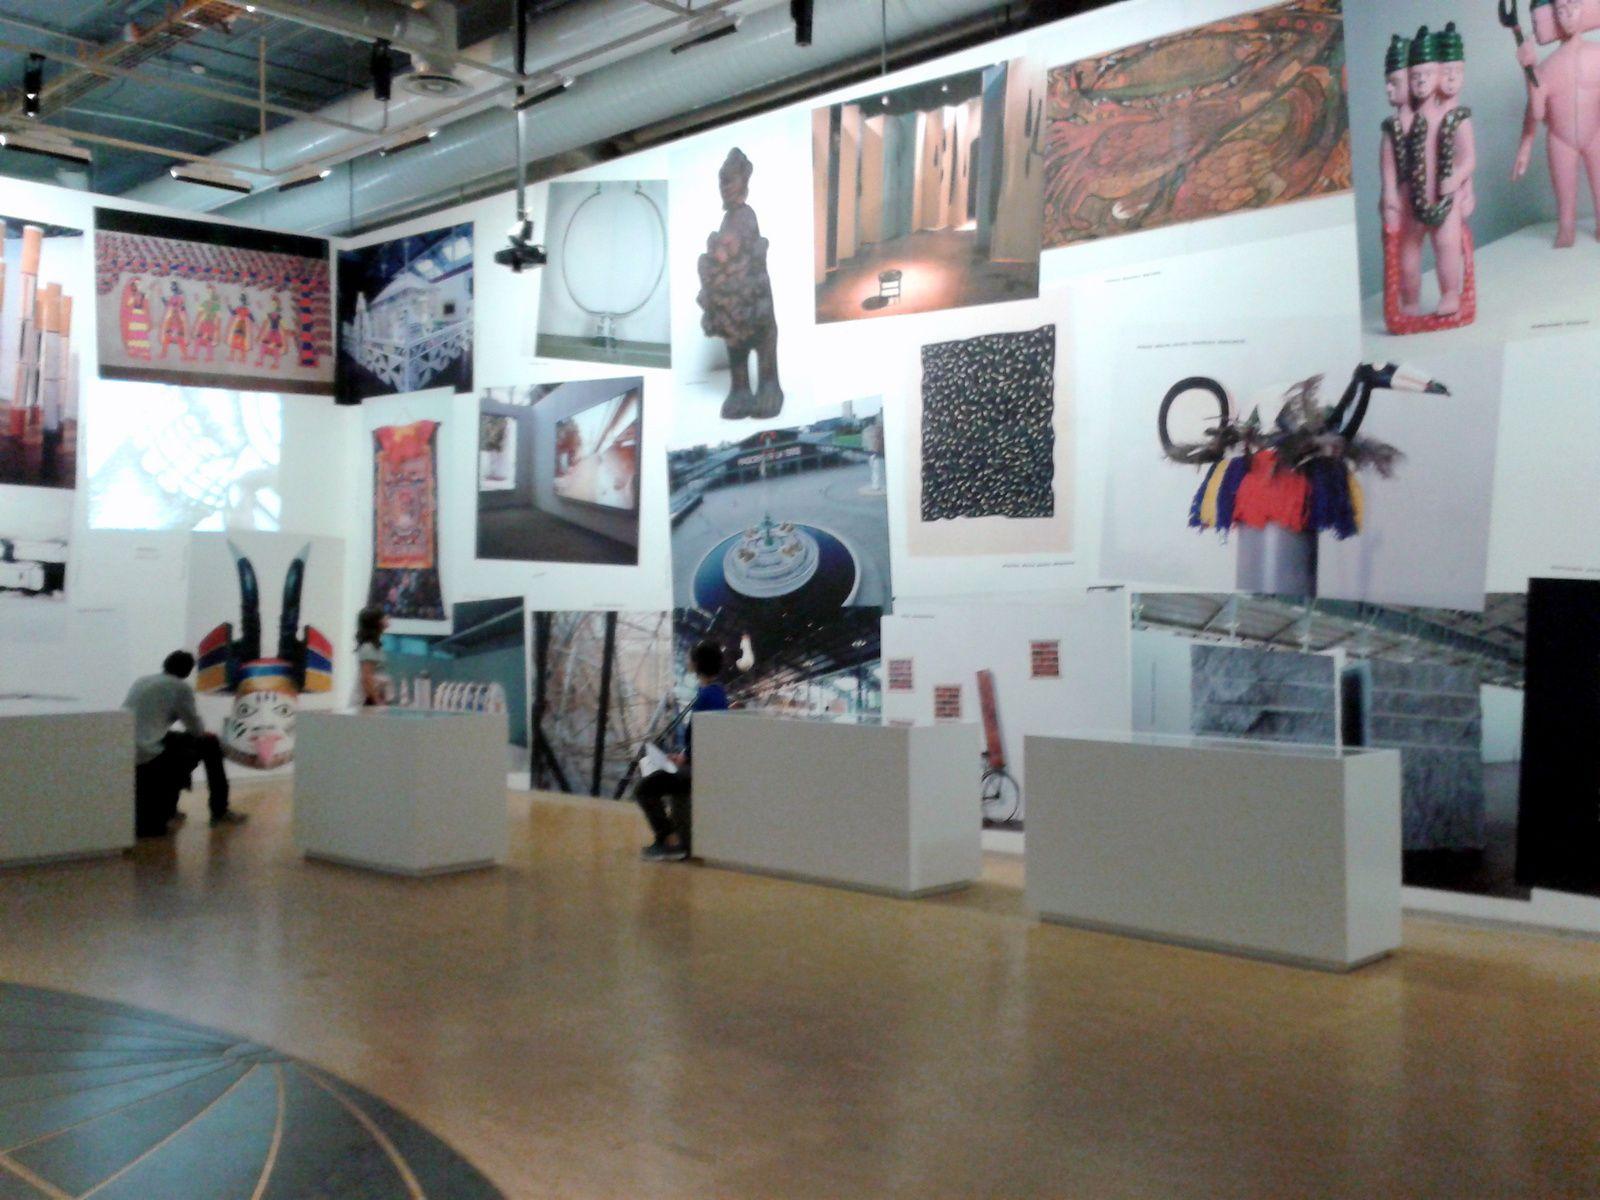 Magiciens de la terre, retour sur une exposition légendaire : témoignages d'une exposition majeure, au Centre Pompidou, Paris